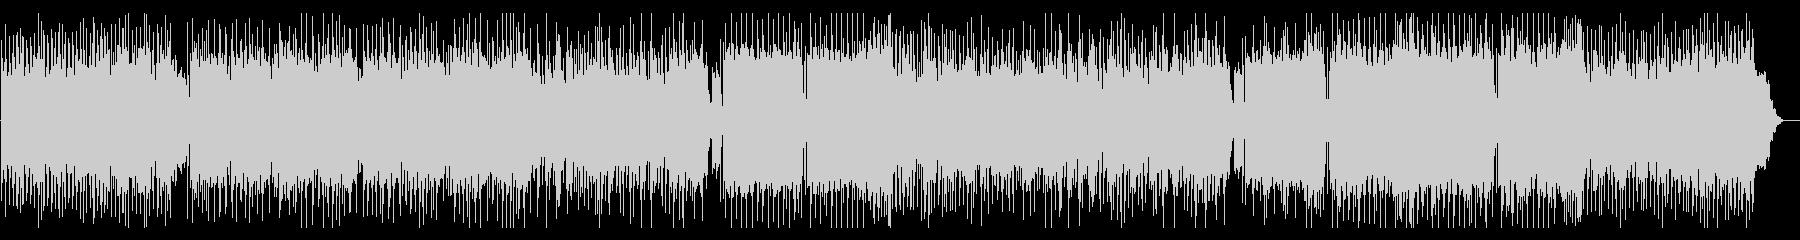 追跡シーンなどをイメージした緊迫系楽曲の未再生の波形